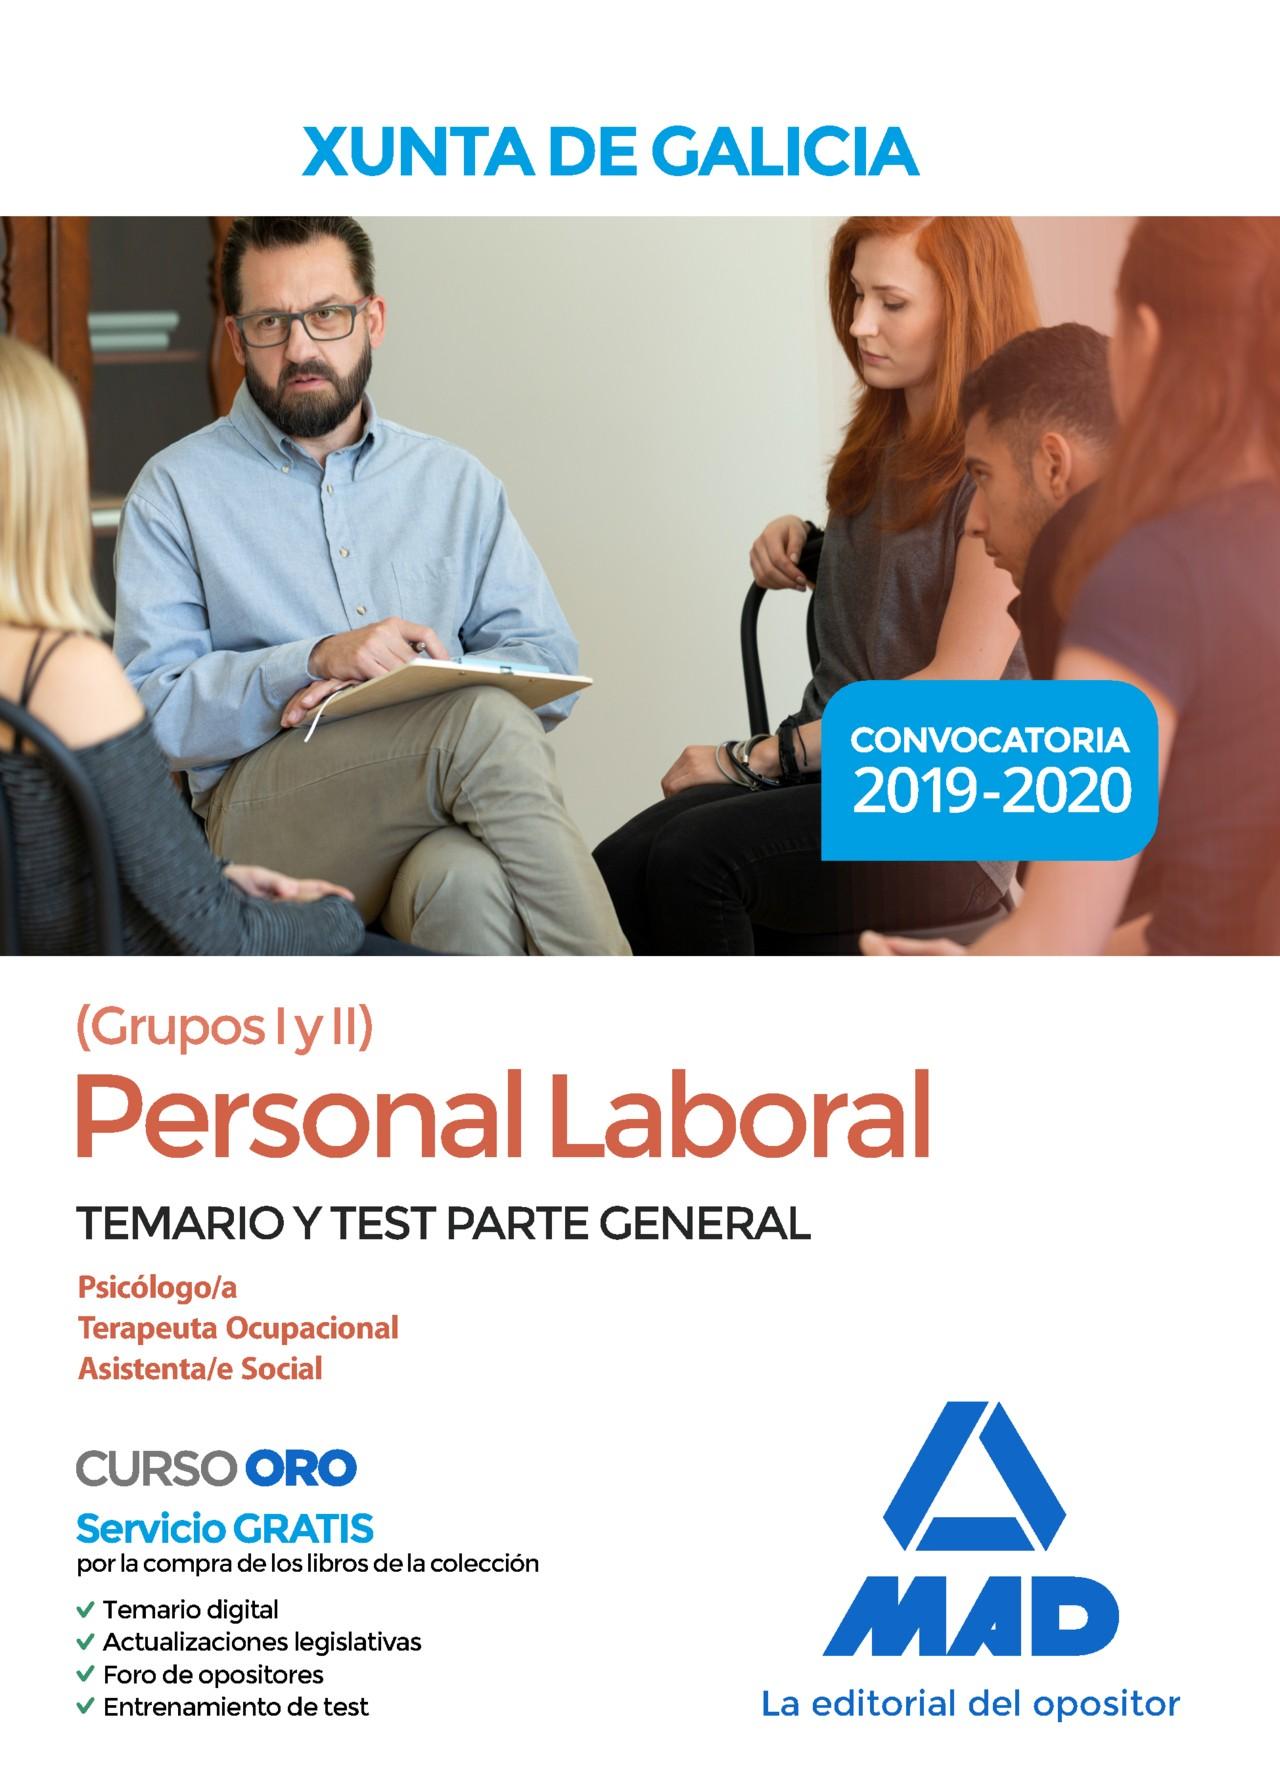 Personal laboral de la Xunta de Galicia (Grupos I y II)